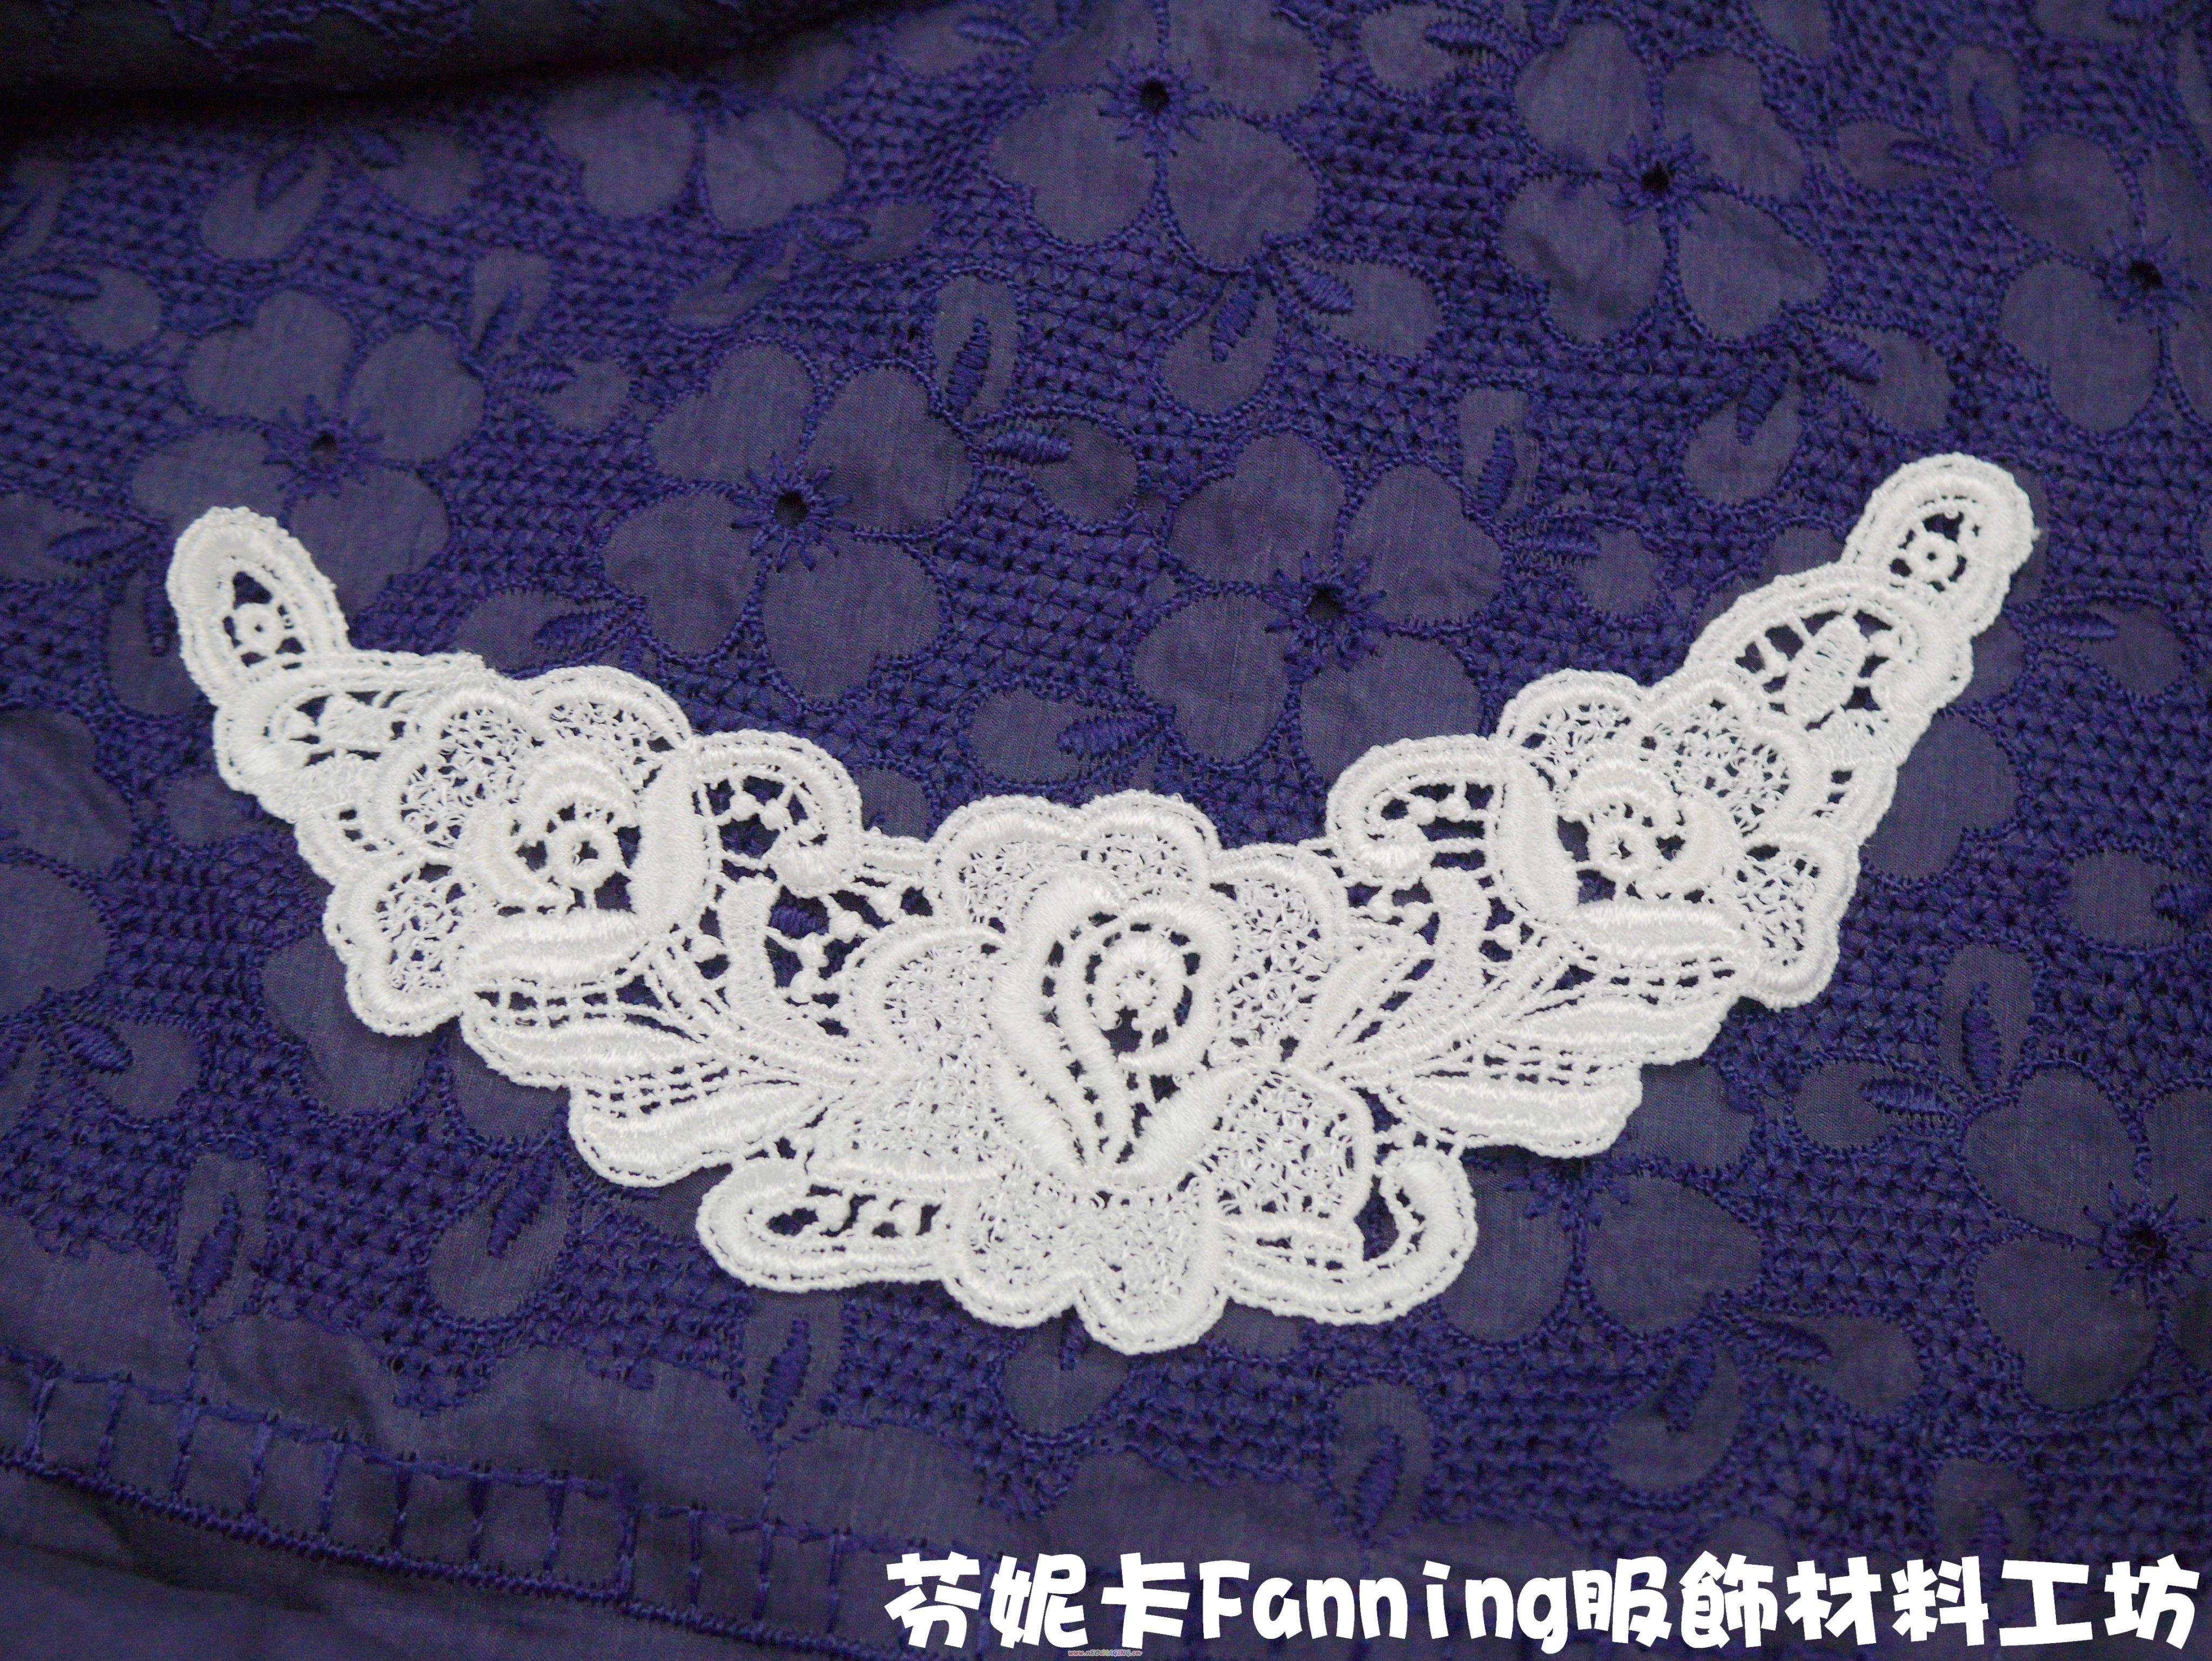 【芬妮卡Fanning服飾材料工坊】Flora大花卉領片 立體蕾絲繡花片 花邊 DIY手工材料 1片入